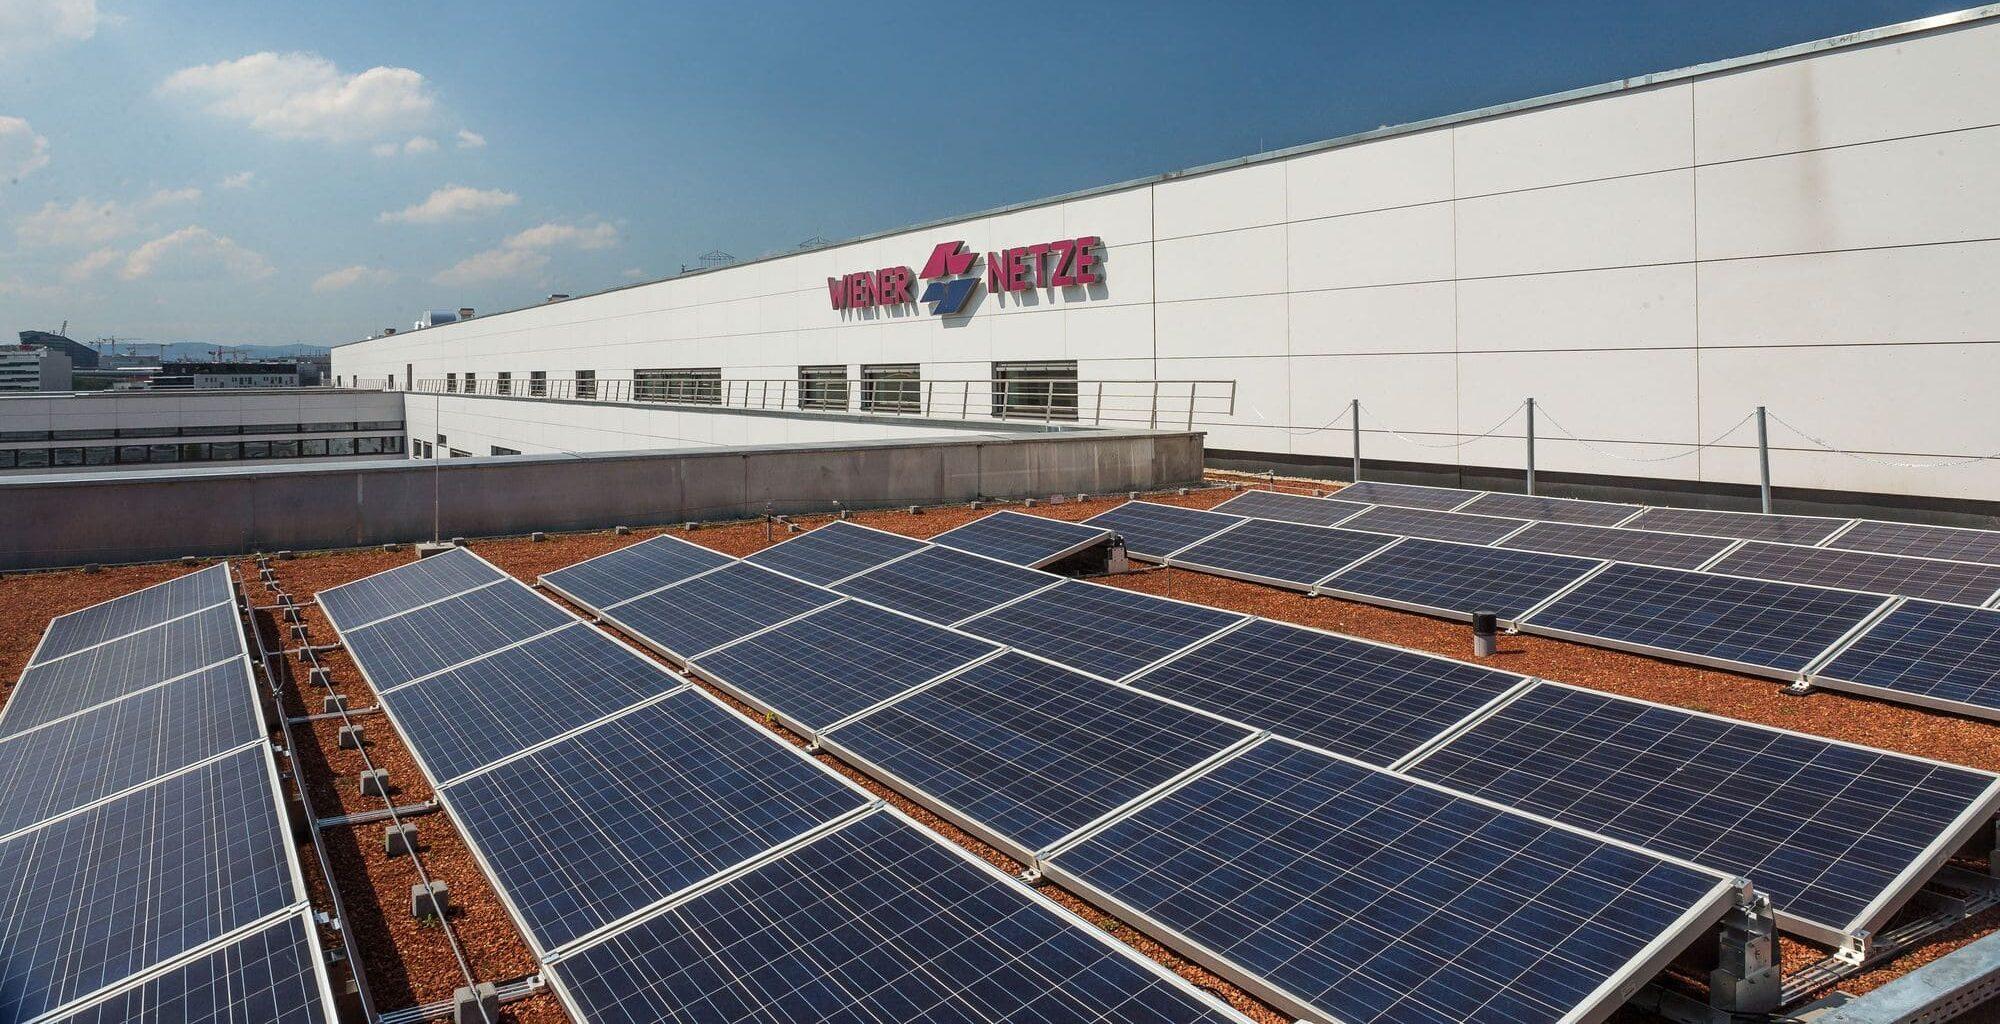 Anlage für Solarstrom der Wiener Netze